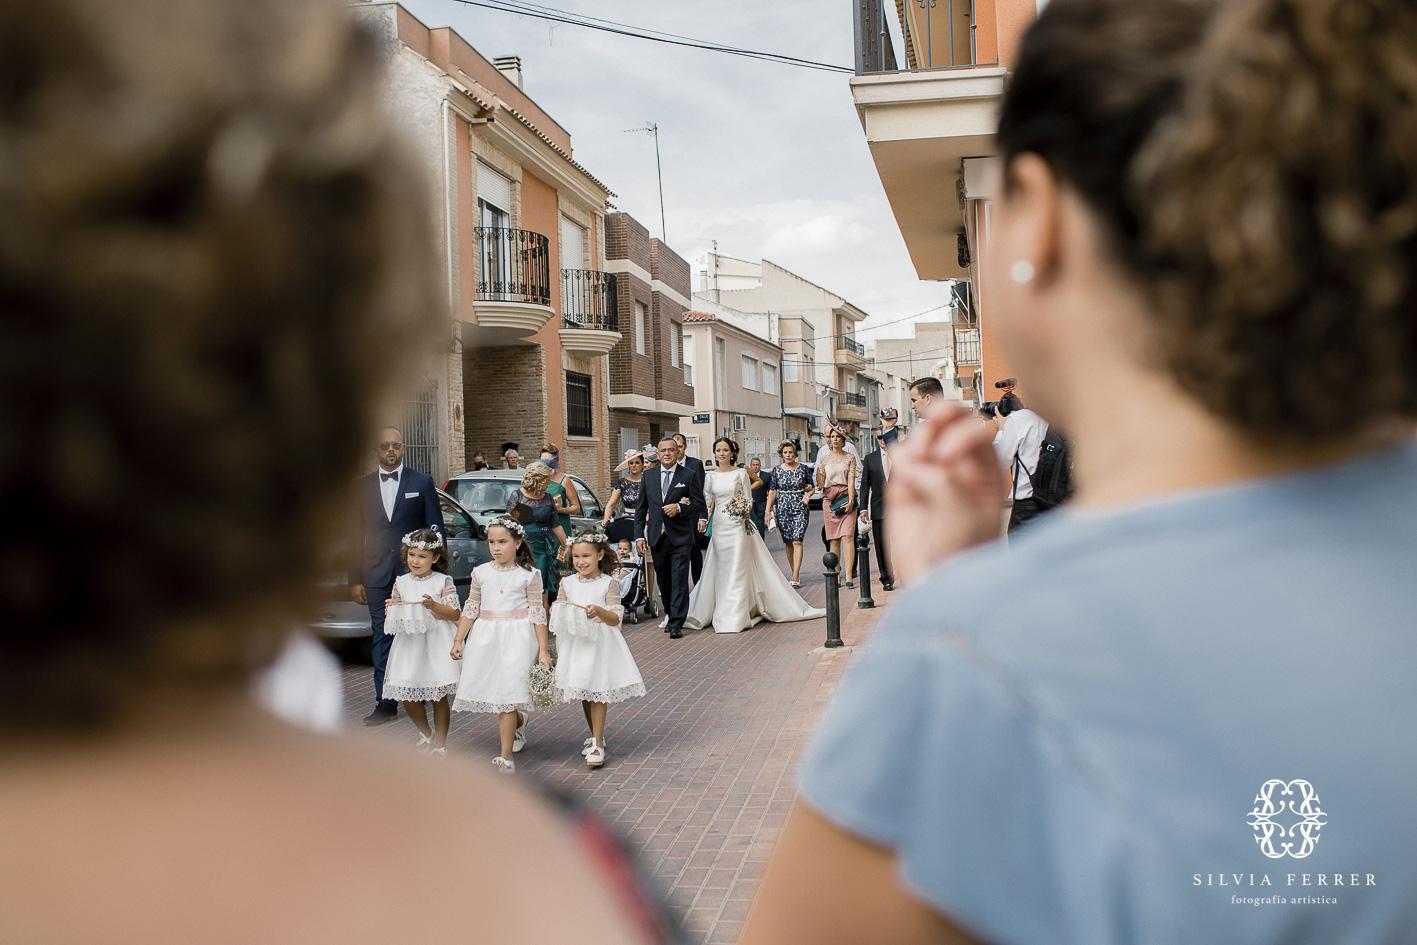 boda en javai nuevo